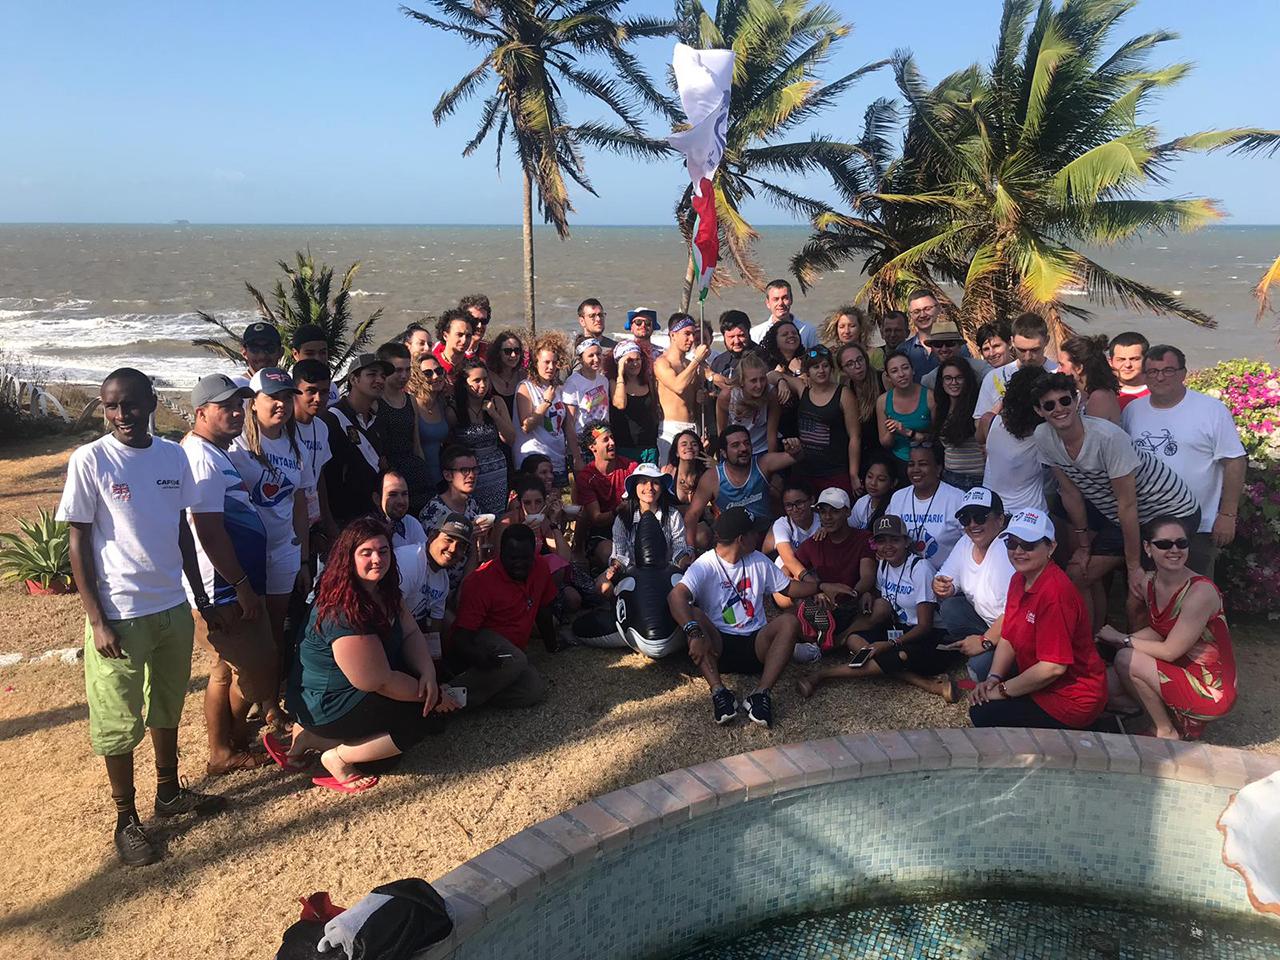 11Giornata-mondiale-della-Gioventù-a-Panama